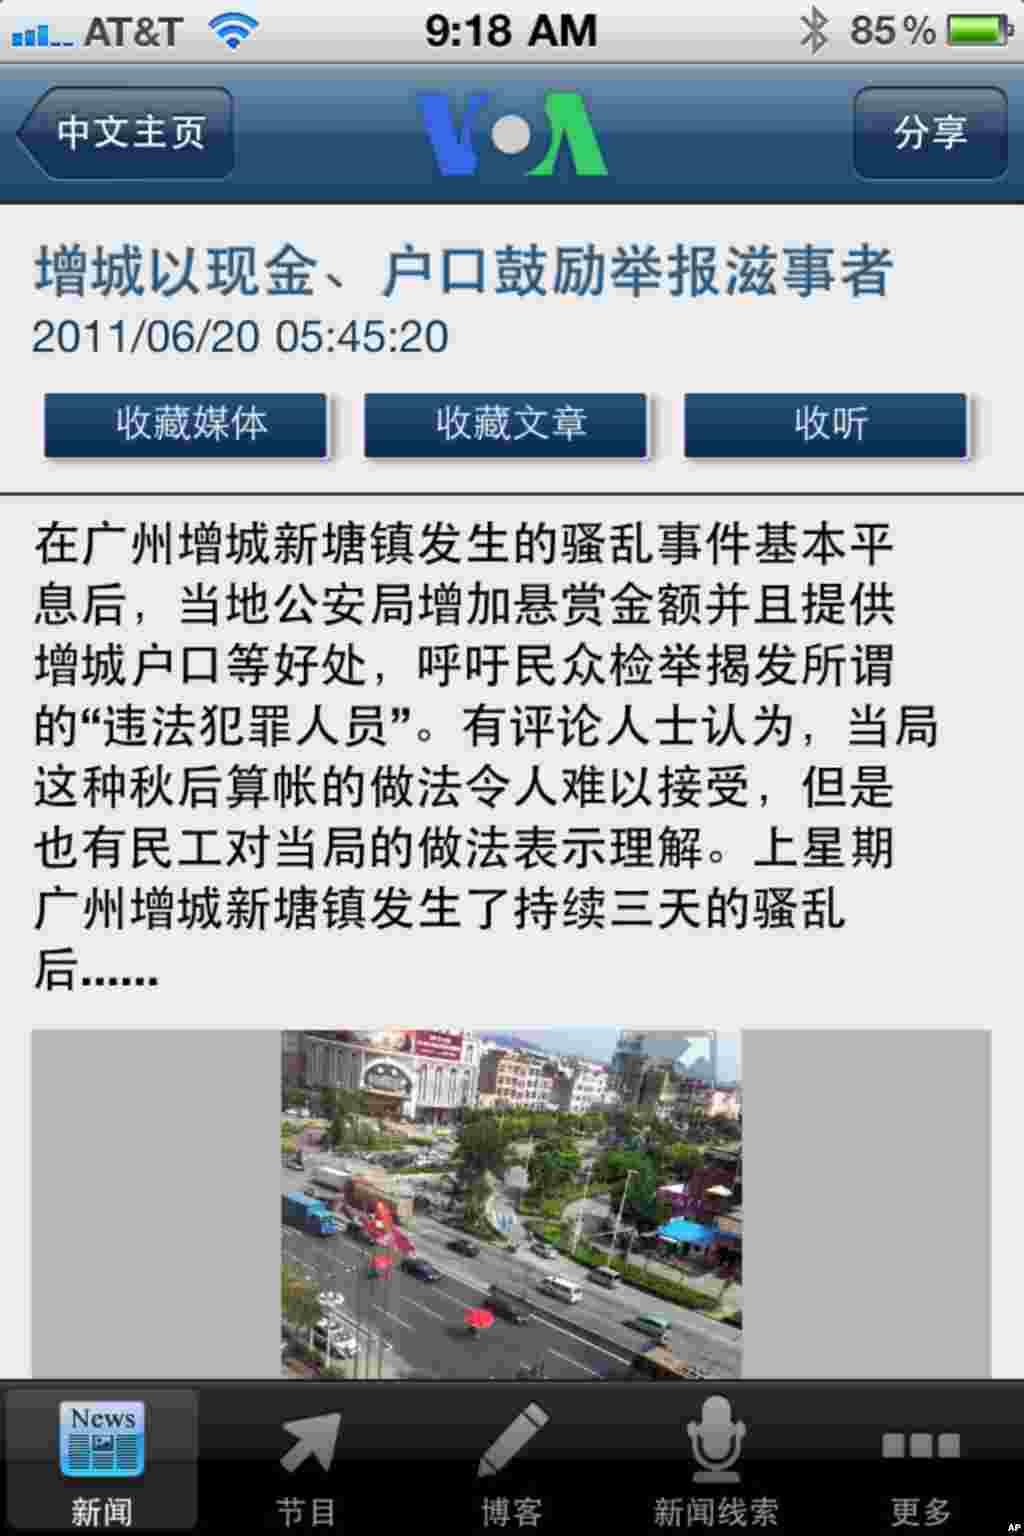 美国之音中文部iPhone中文新闻应用程序: 文章主页